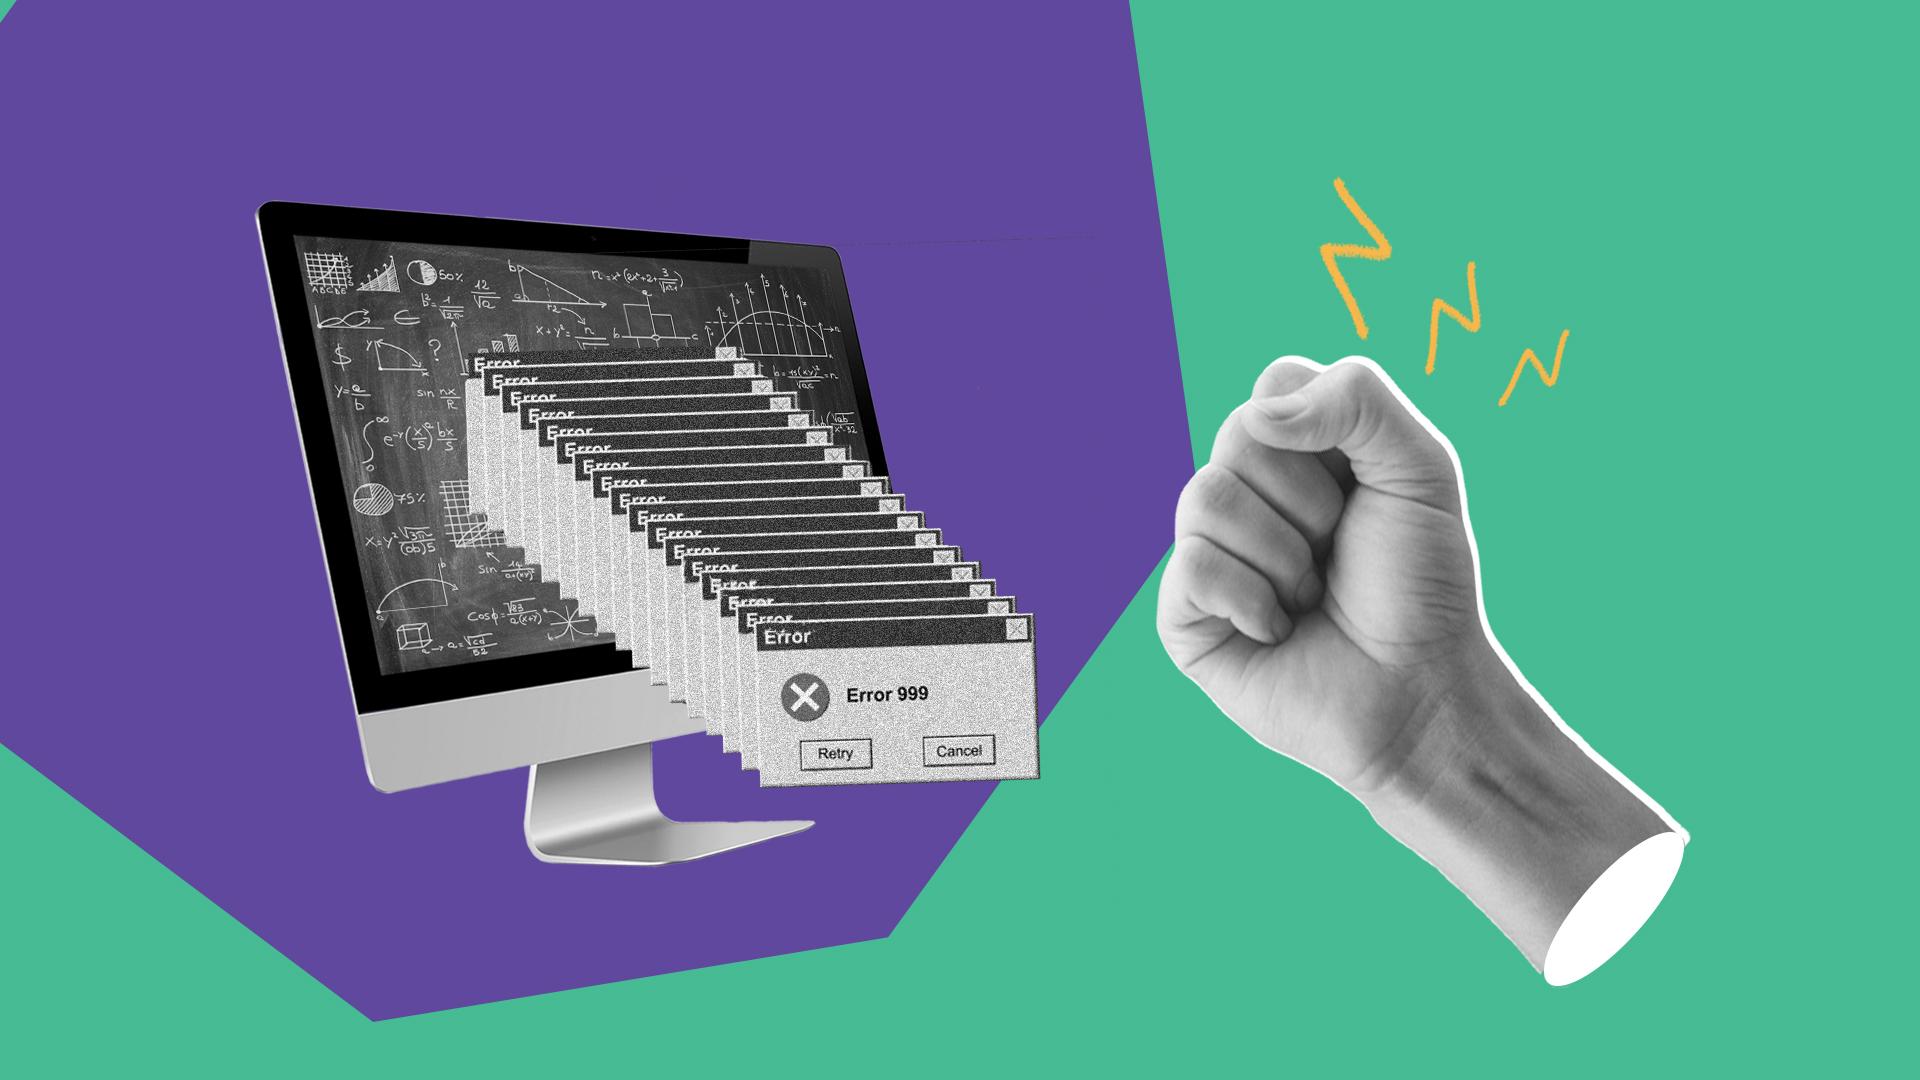 https://www.mjvinnovation.com/wp-content/uploads/2021/07/Frustracao-Digital-como-criar-experiencias-de-valor-para-seus-clientes-MJV-Technology-Innovation.jpg